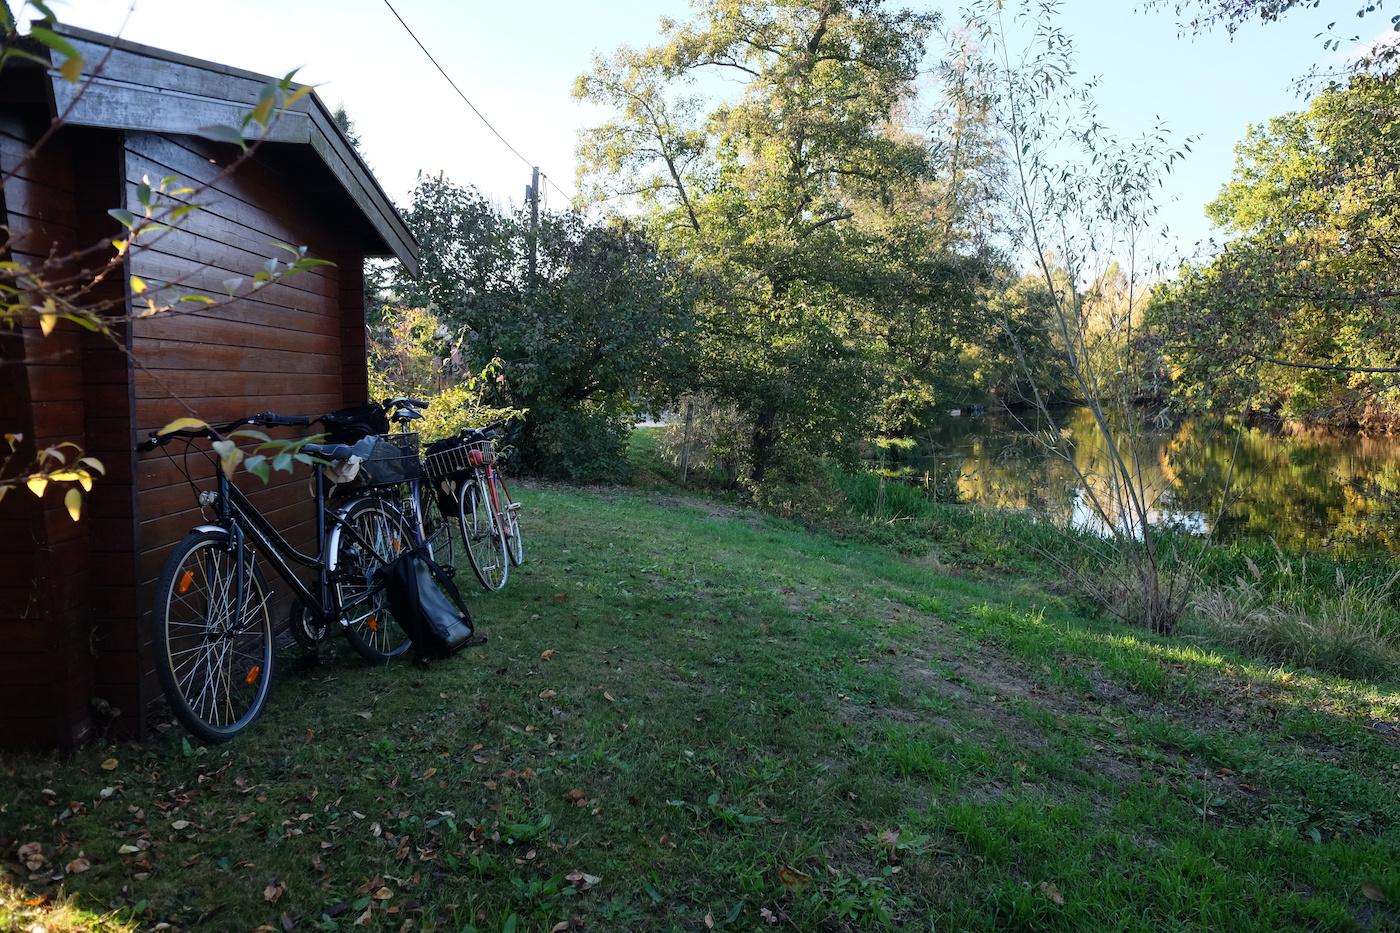 Beeskow__Sauen_wecyclebrandenburg39.JPG